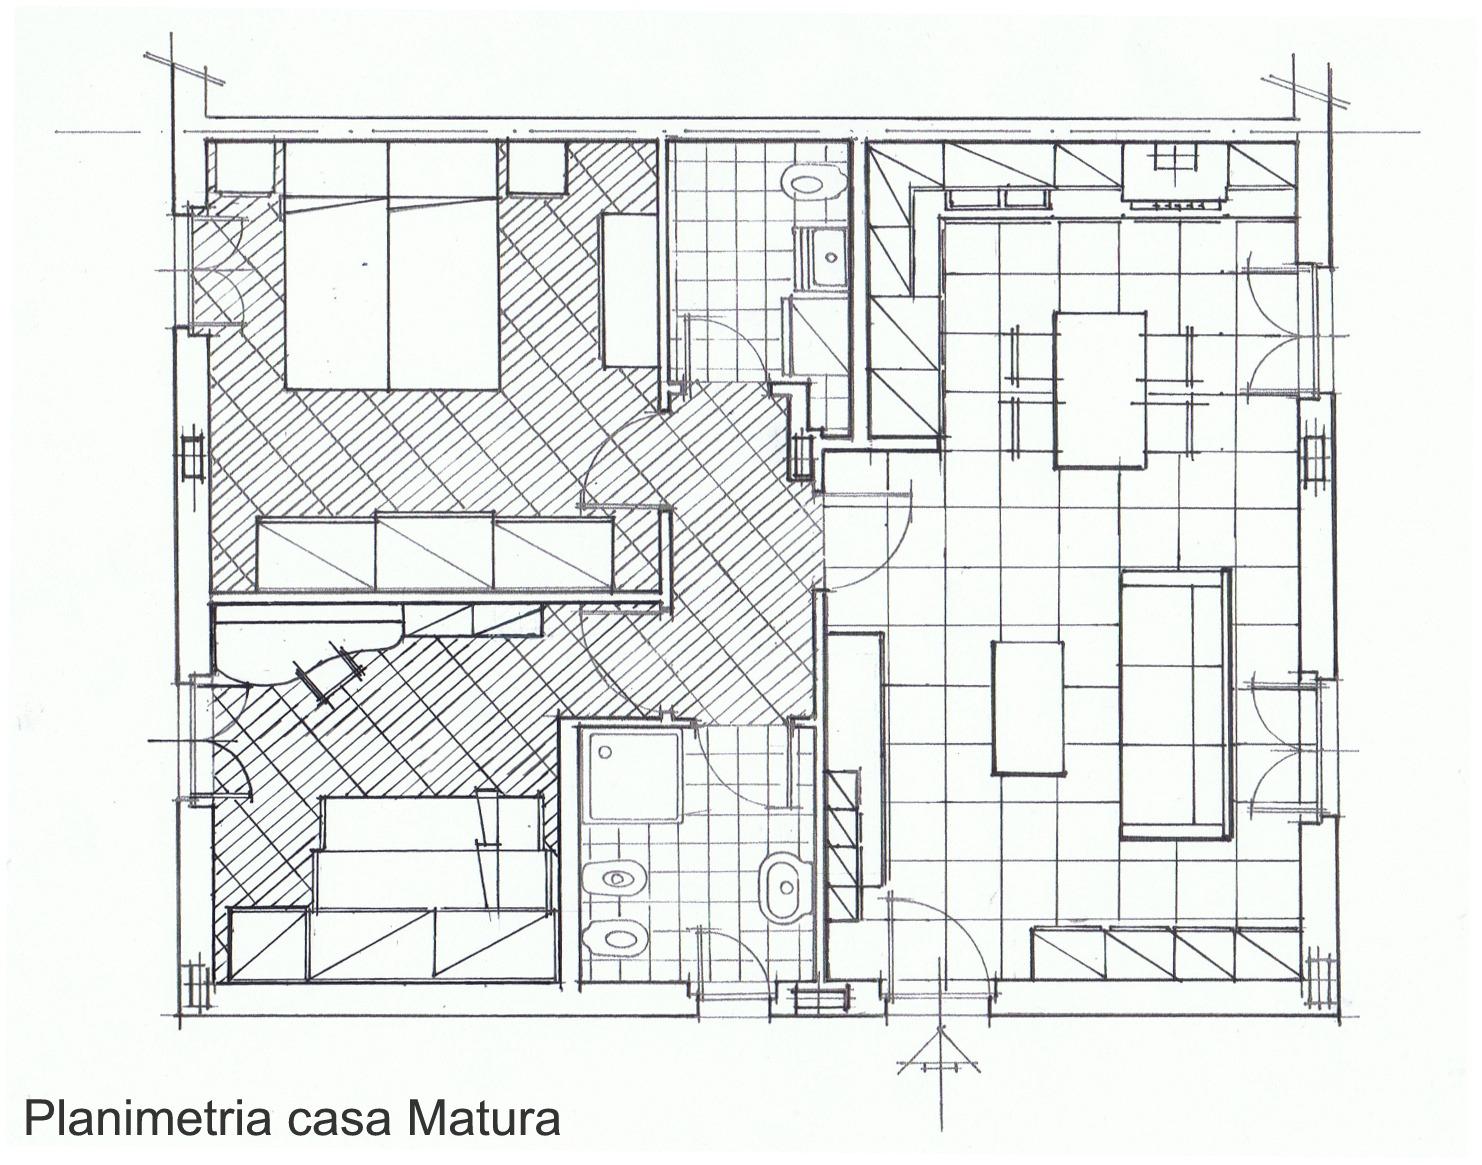 Eurom arredamenti il blog quanto costa arredare casa - Disegno pianta casa ...